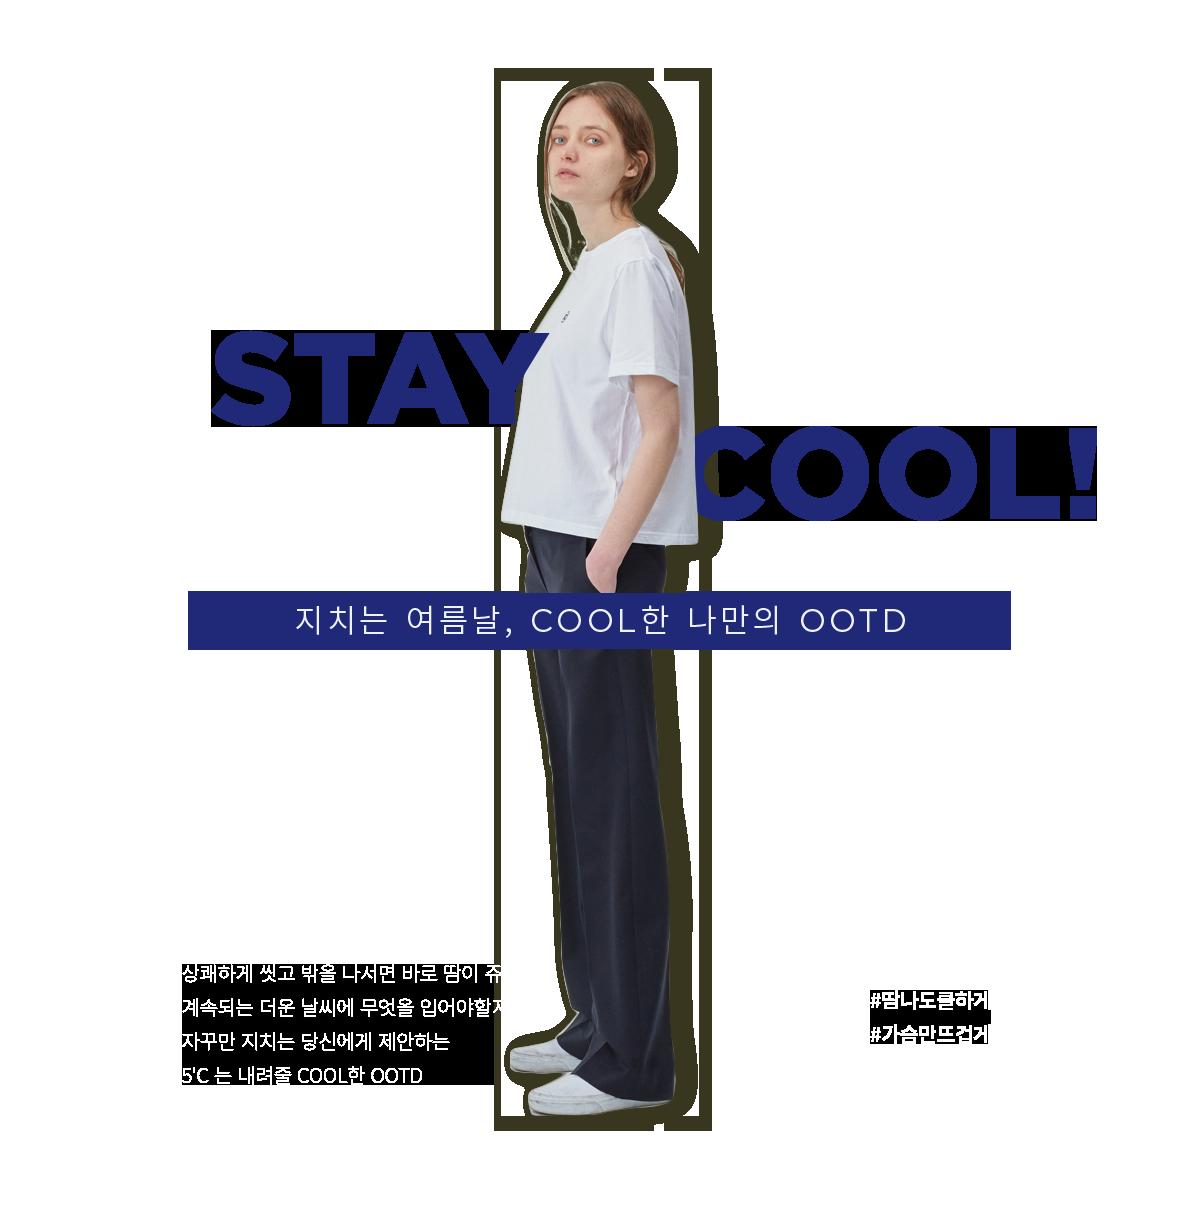 stay cool 지치는 여름날 쿨한 나만의 OOTD